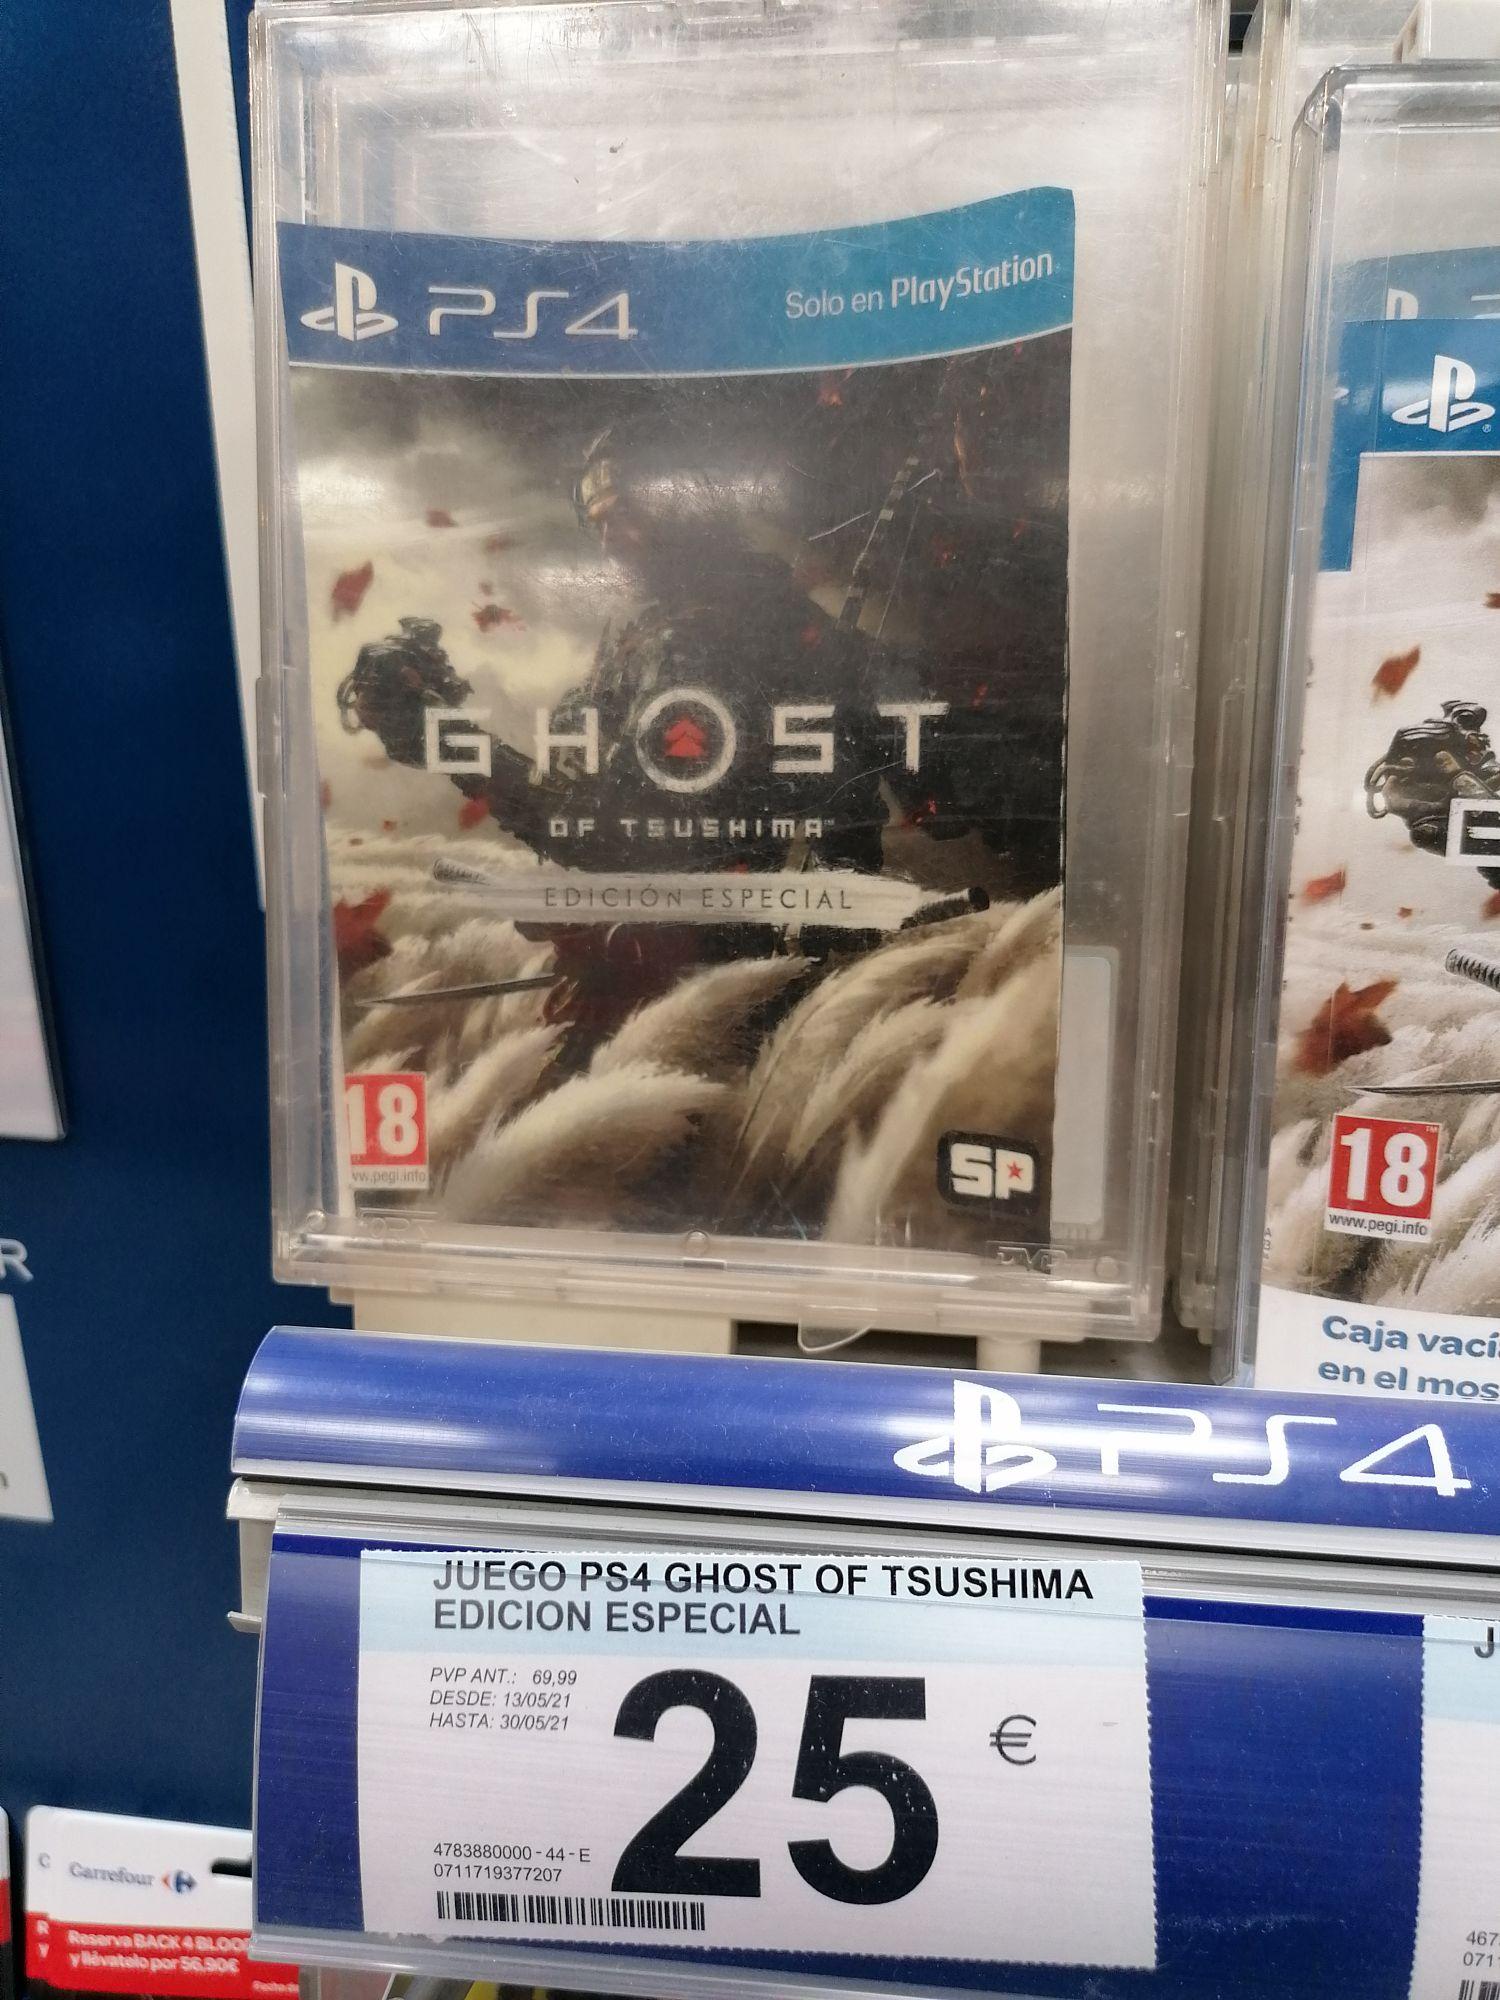 Ghost of Tsushima edición especial PS4 en Carrefour Talavera